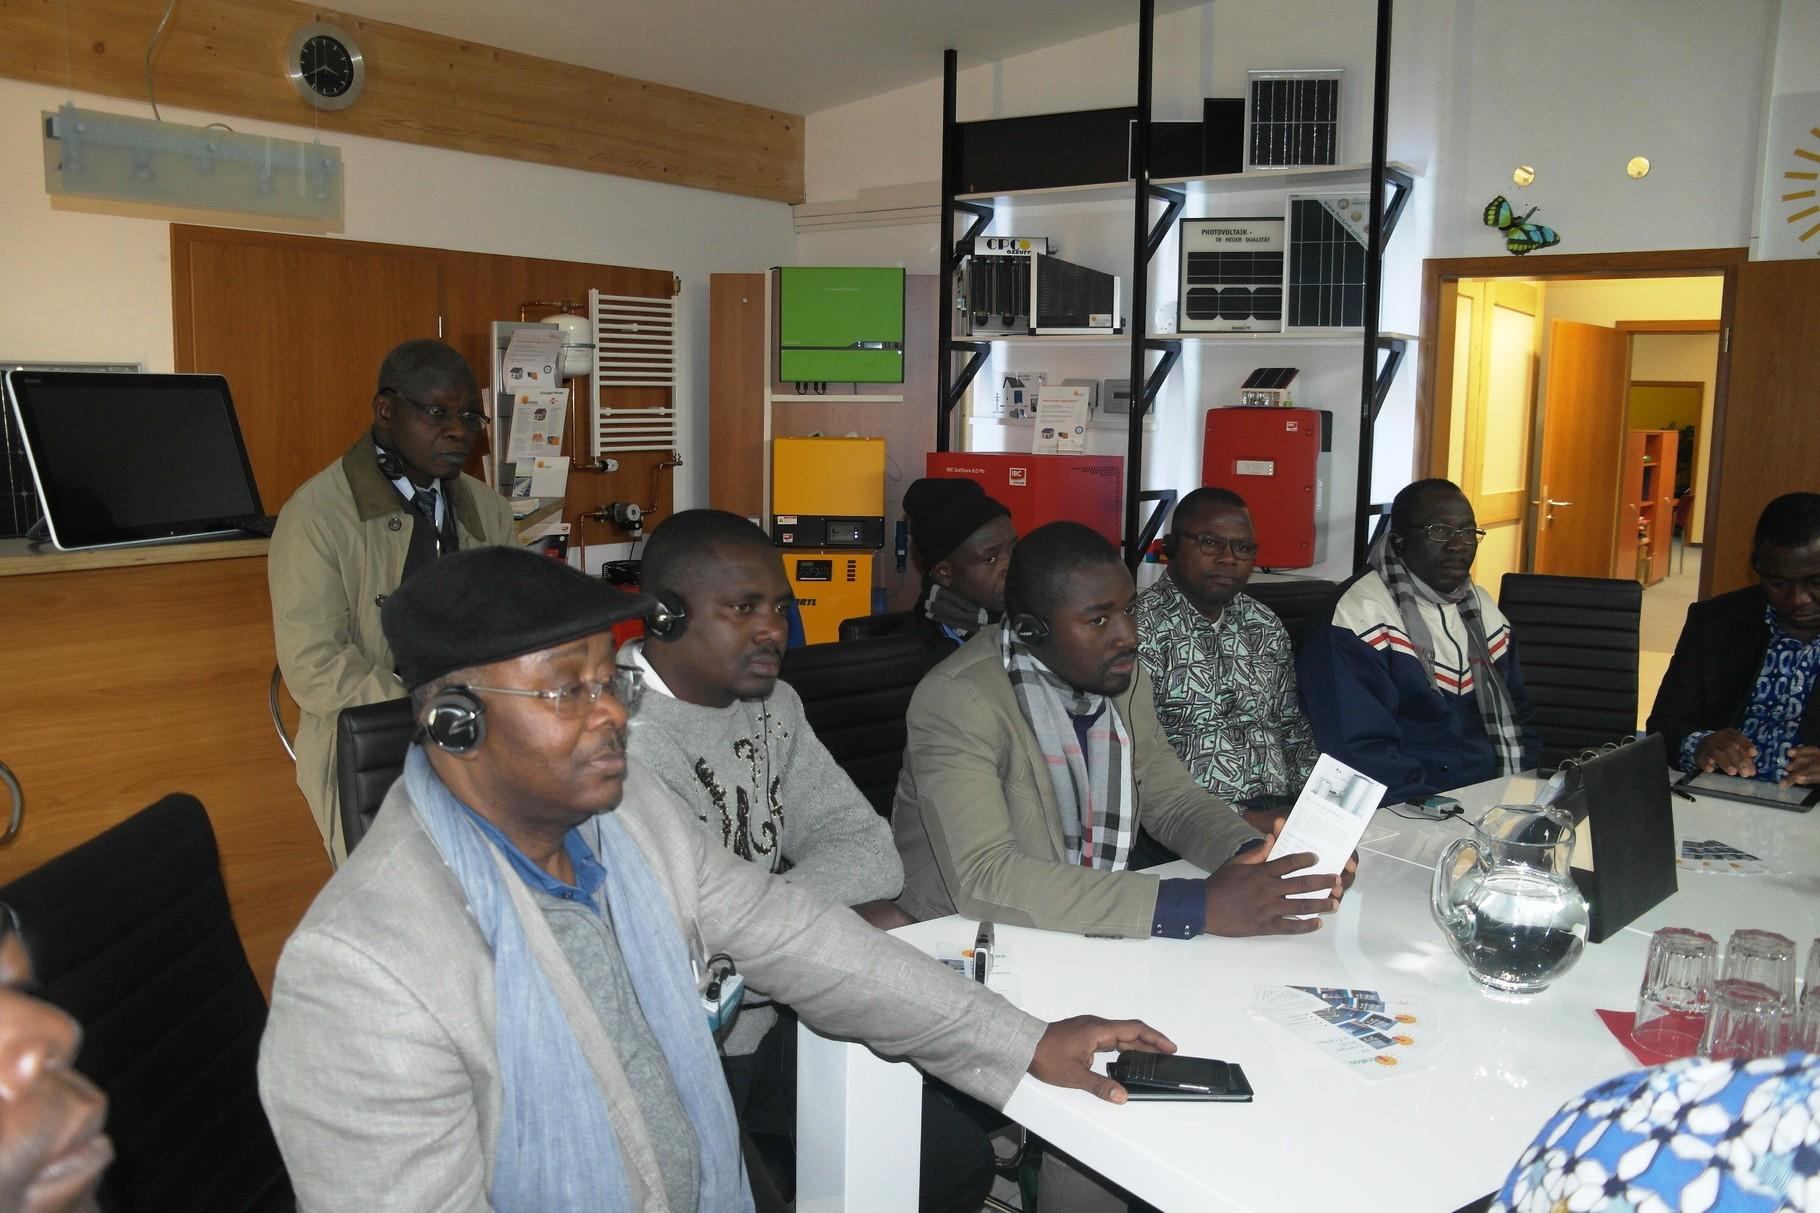 Afrikanische Gäste bei iKratos